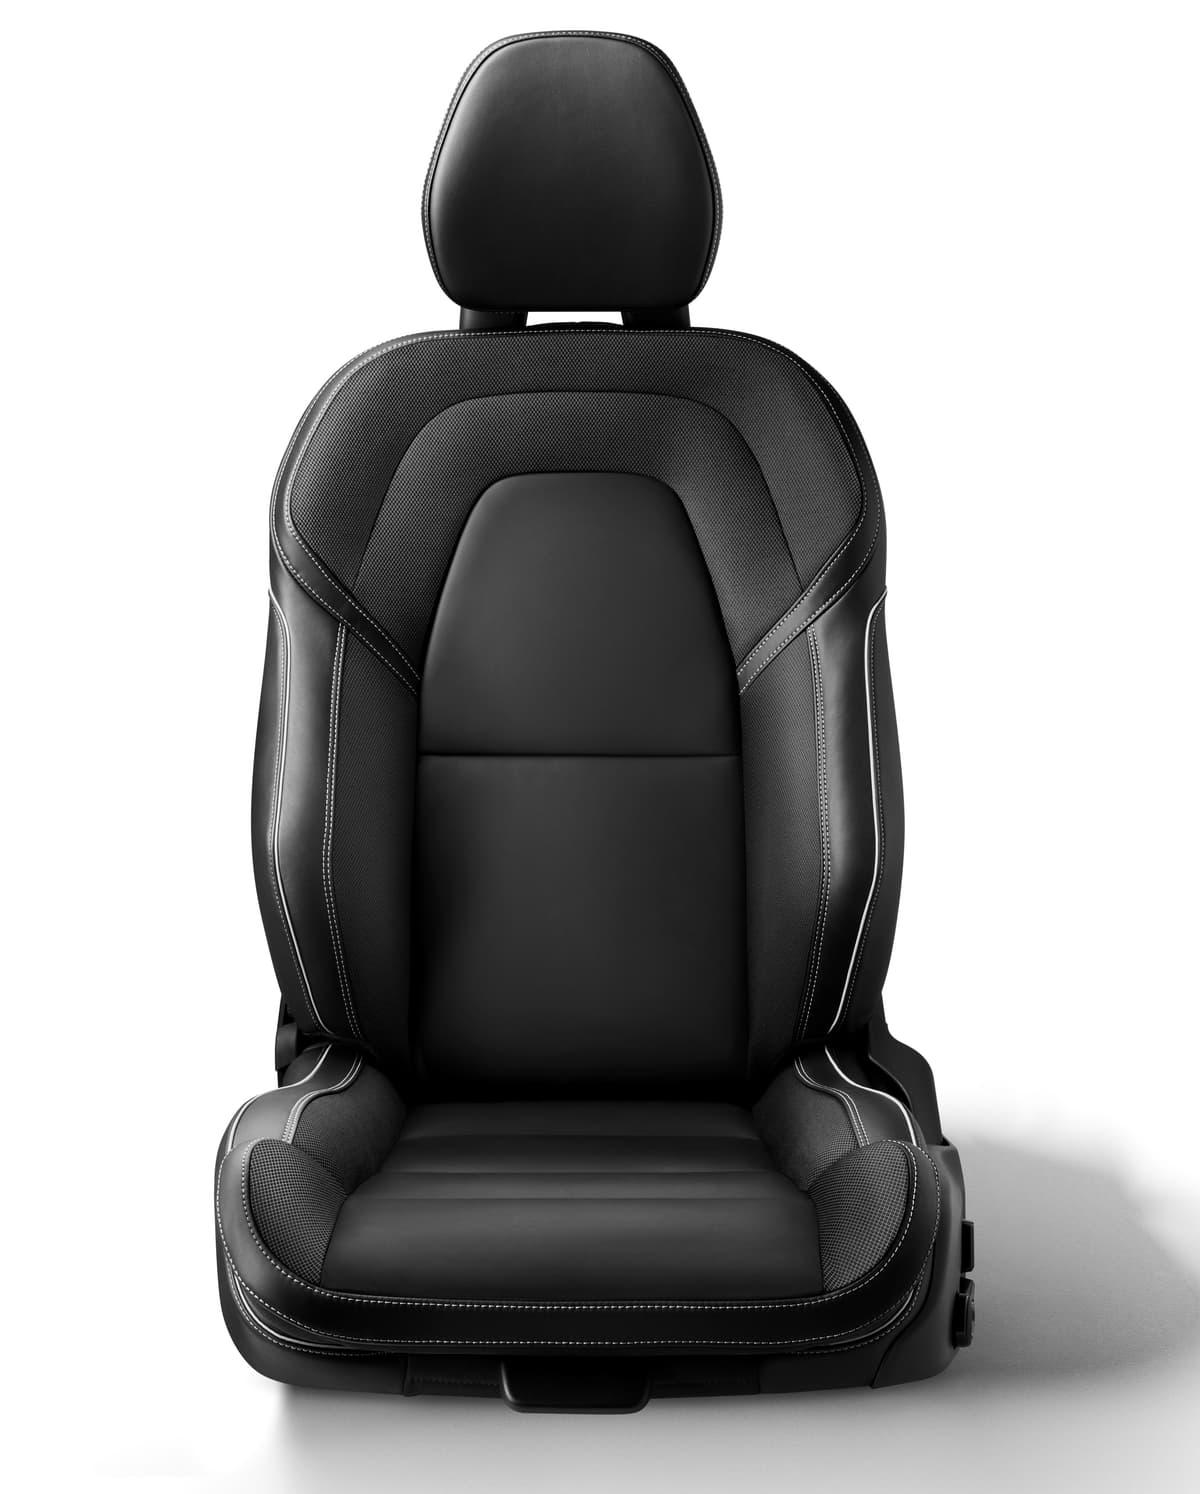 ボディサイズ縮小で日本の道も走りやすい! ボルボの新型セダン「S60」登場